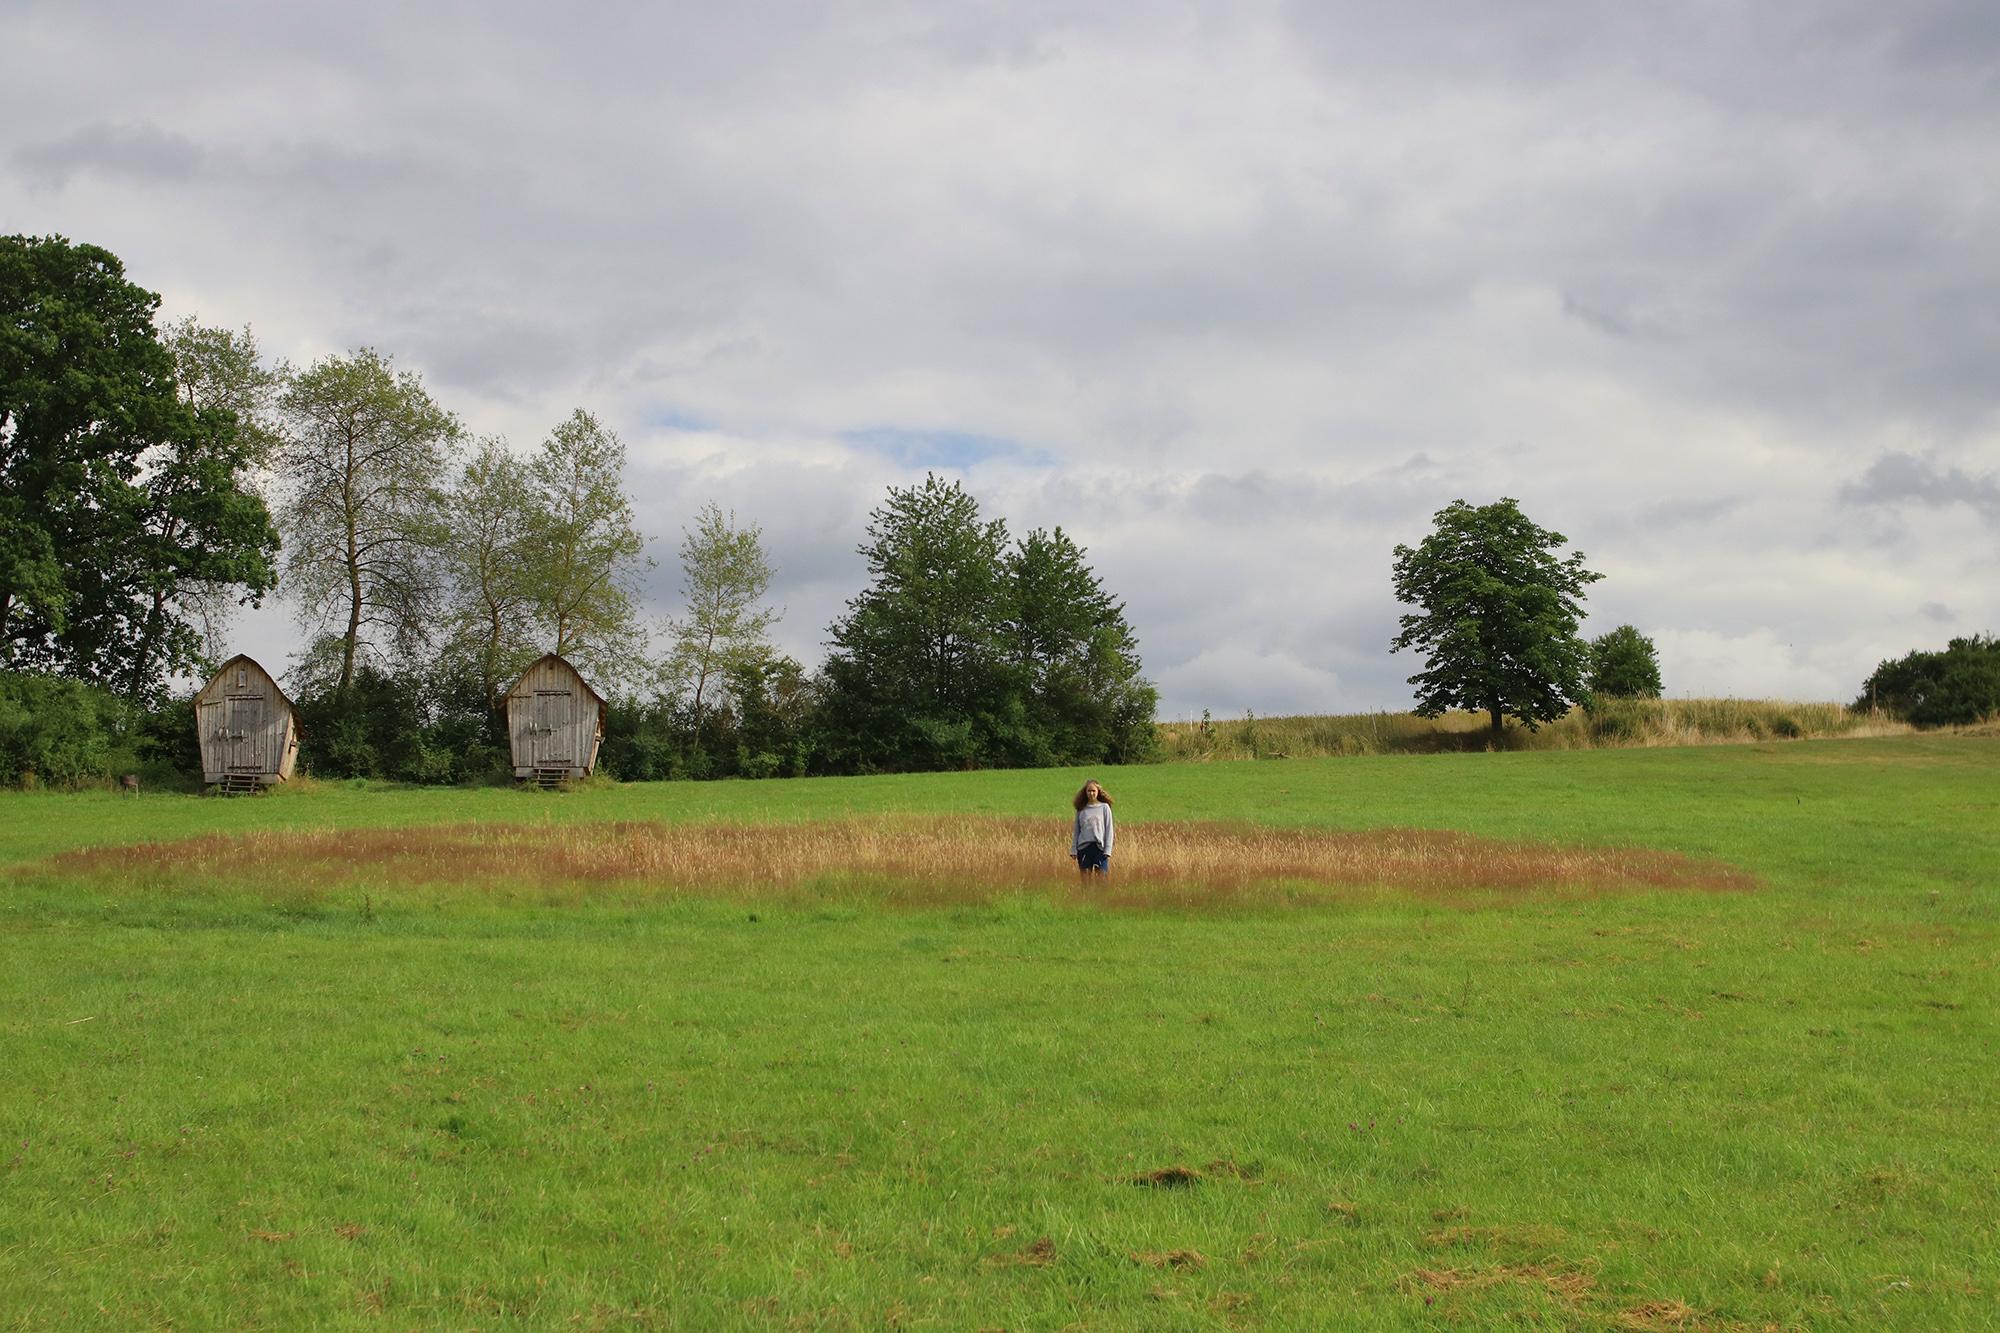 Ein Mädchen steht auf einer Wiese